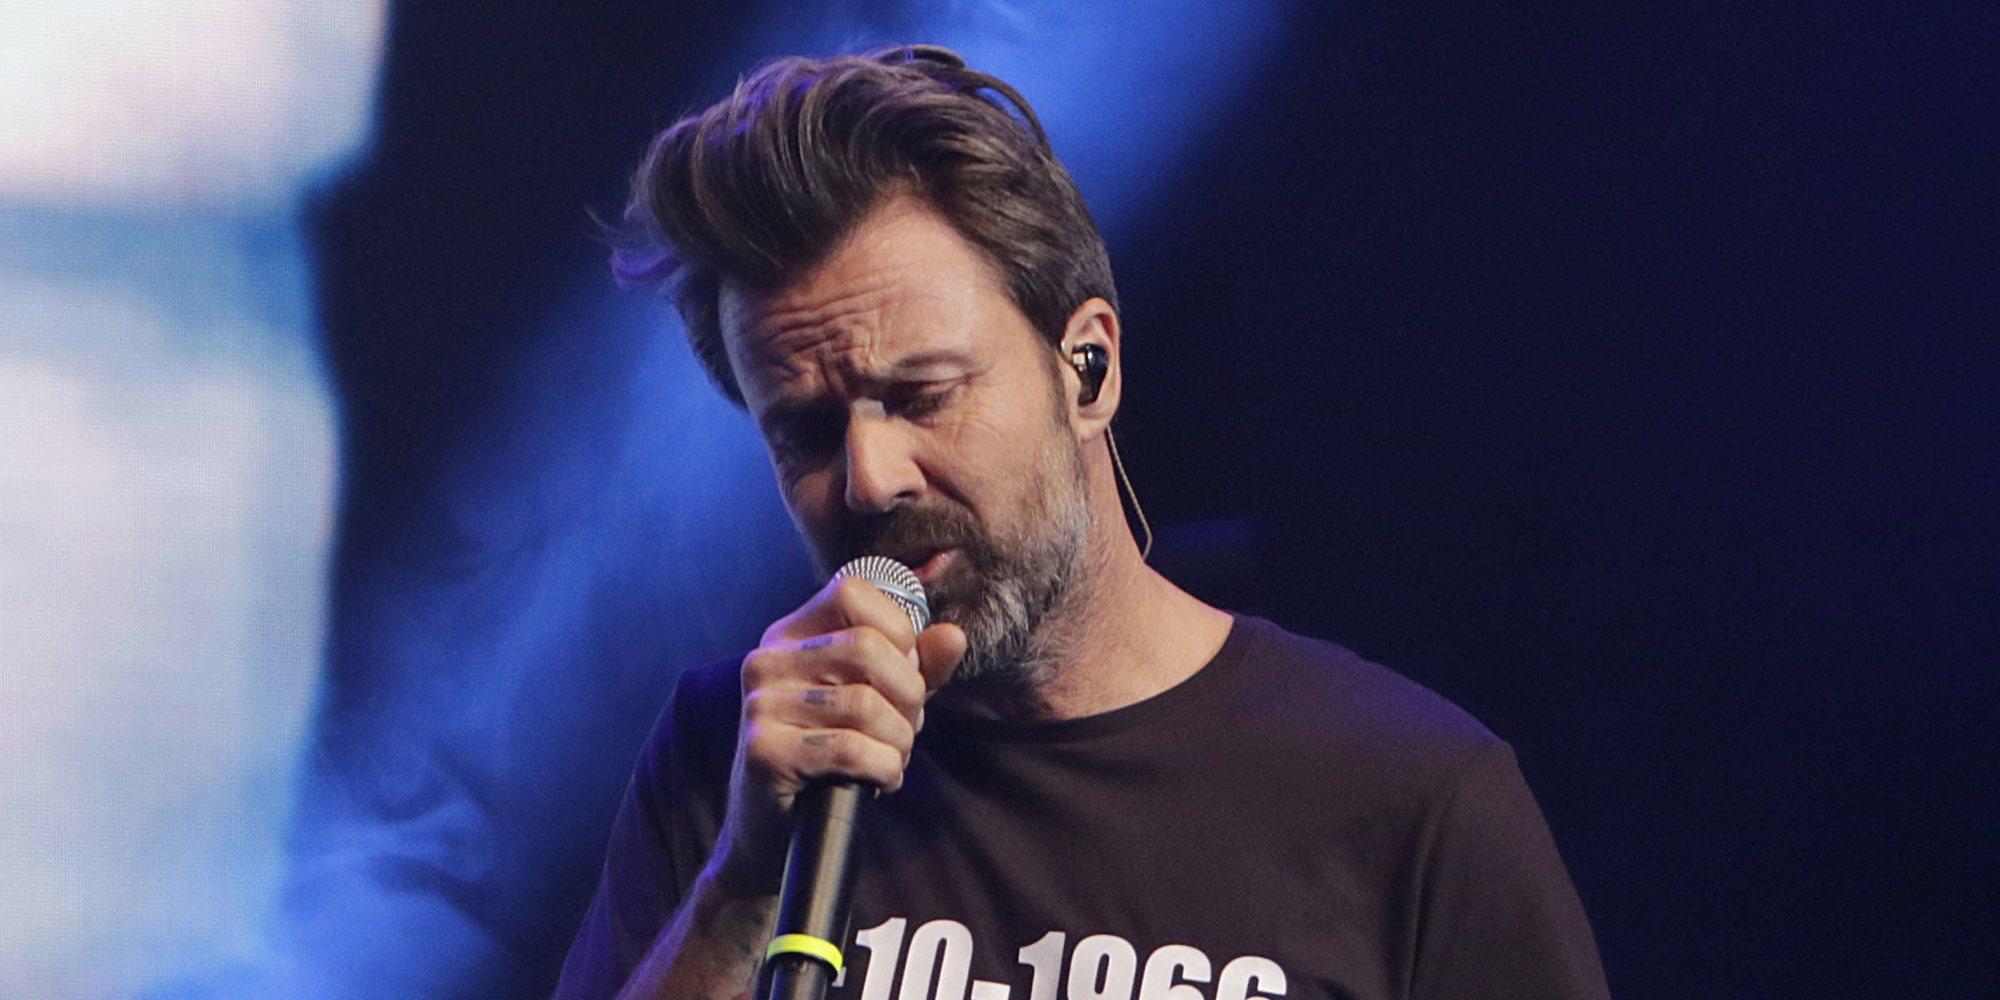 Pau Donés reaparece con una preciosa canción tras retirarse de la música